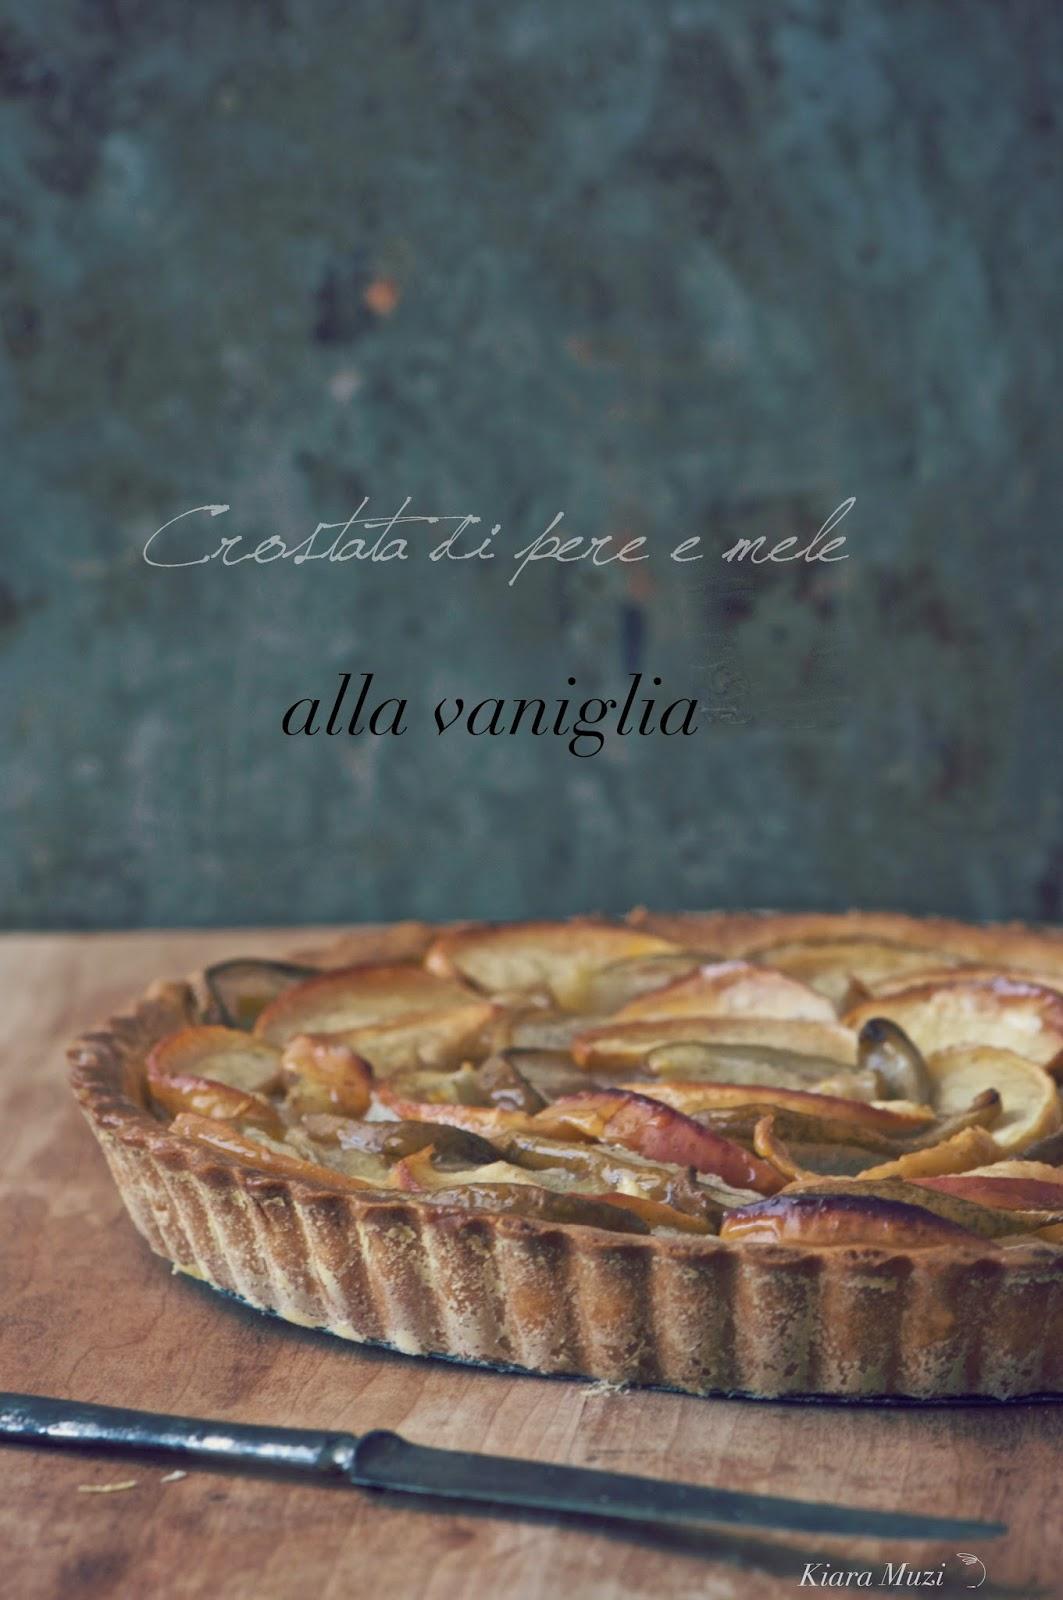 crostata di pere e mele alla vaniglia